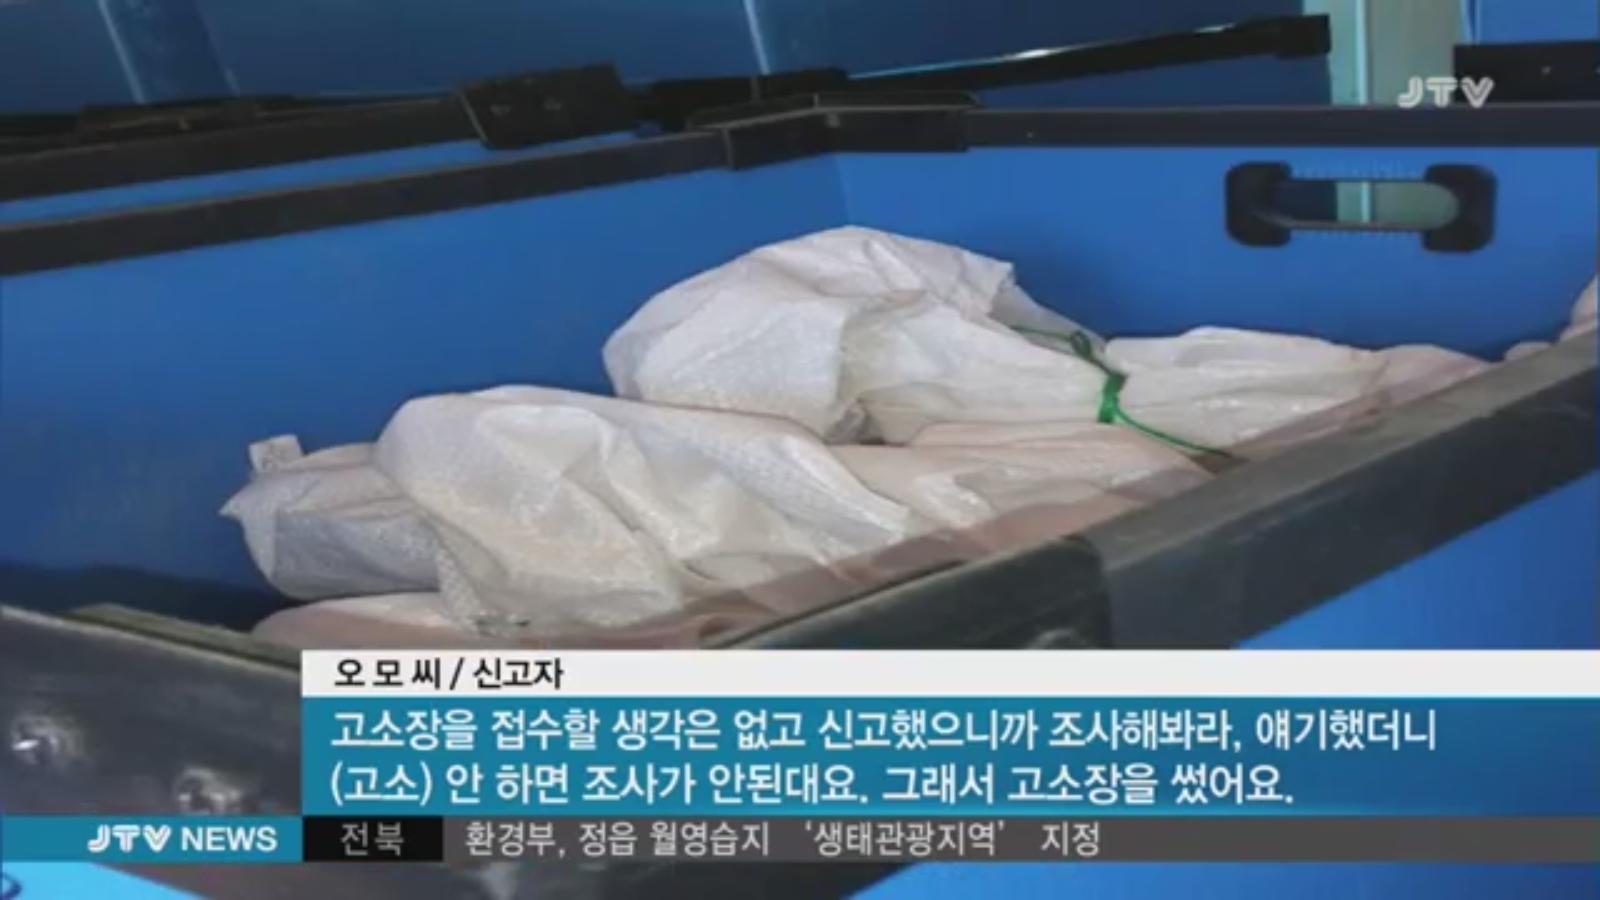 [18.1.24 JTV] 경찰, 신고자에게 처벌 근거 찾아오라고 돌려보내2.jpg